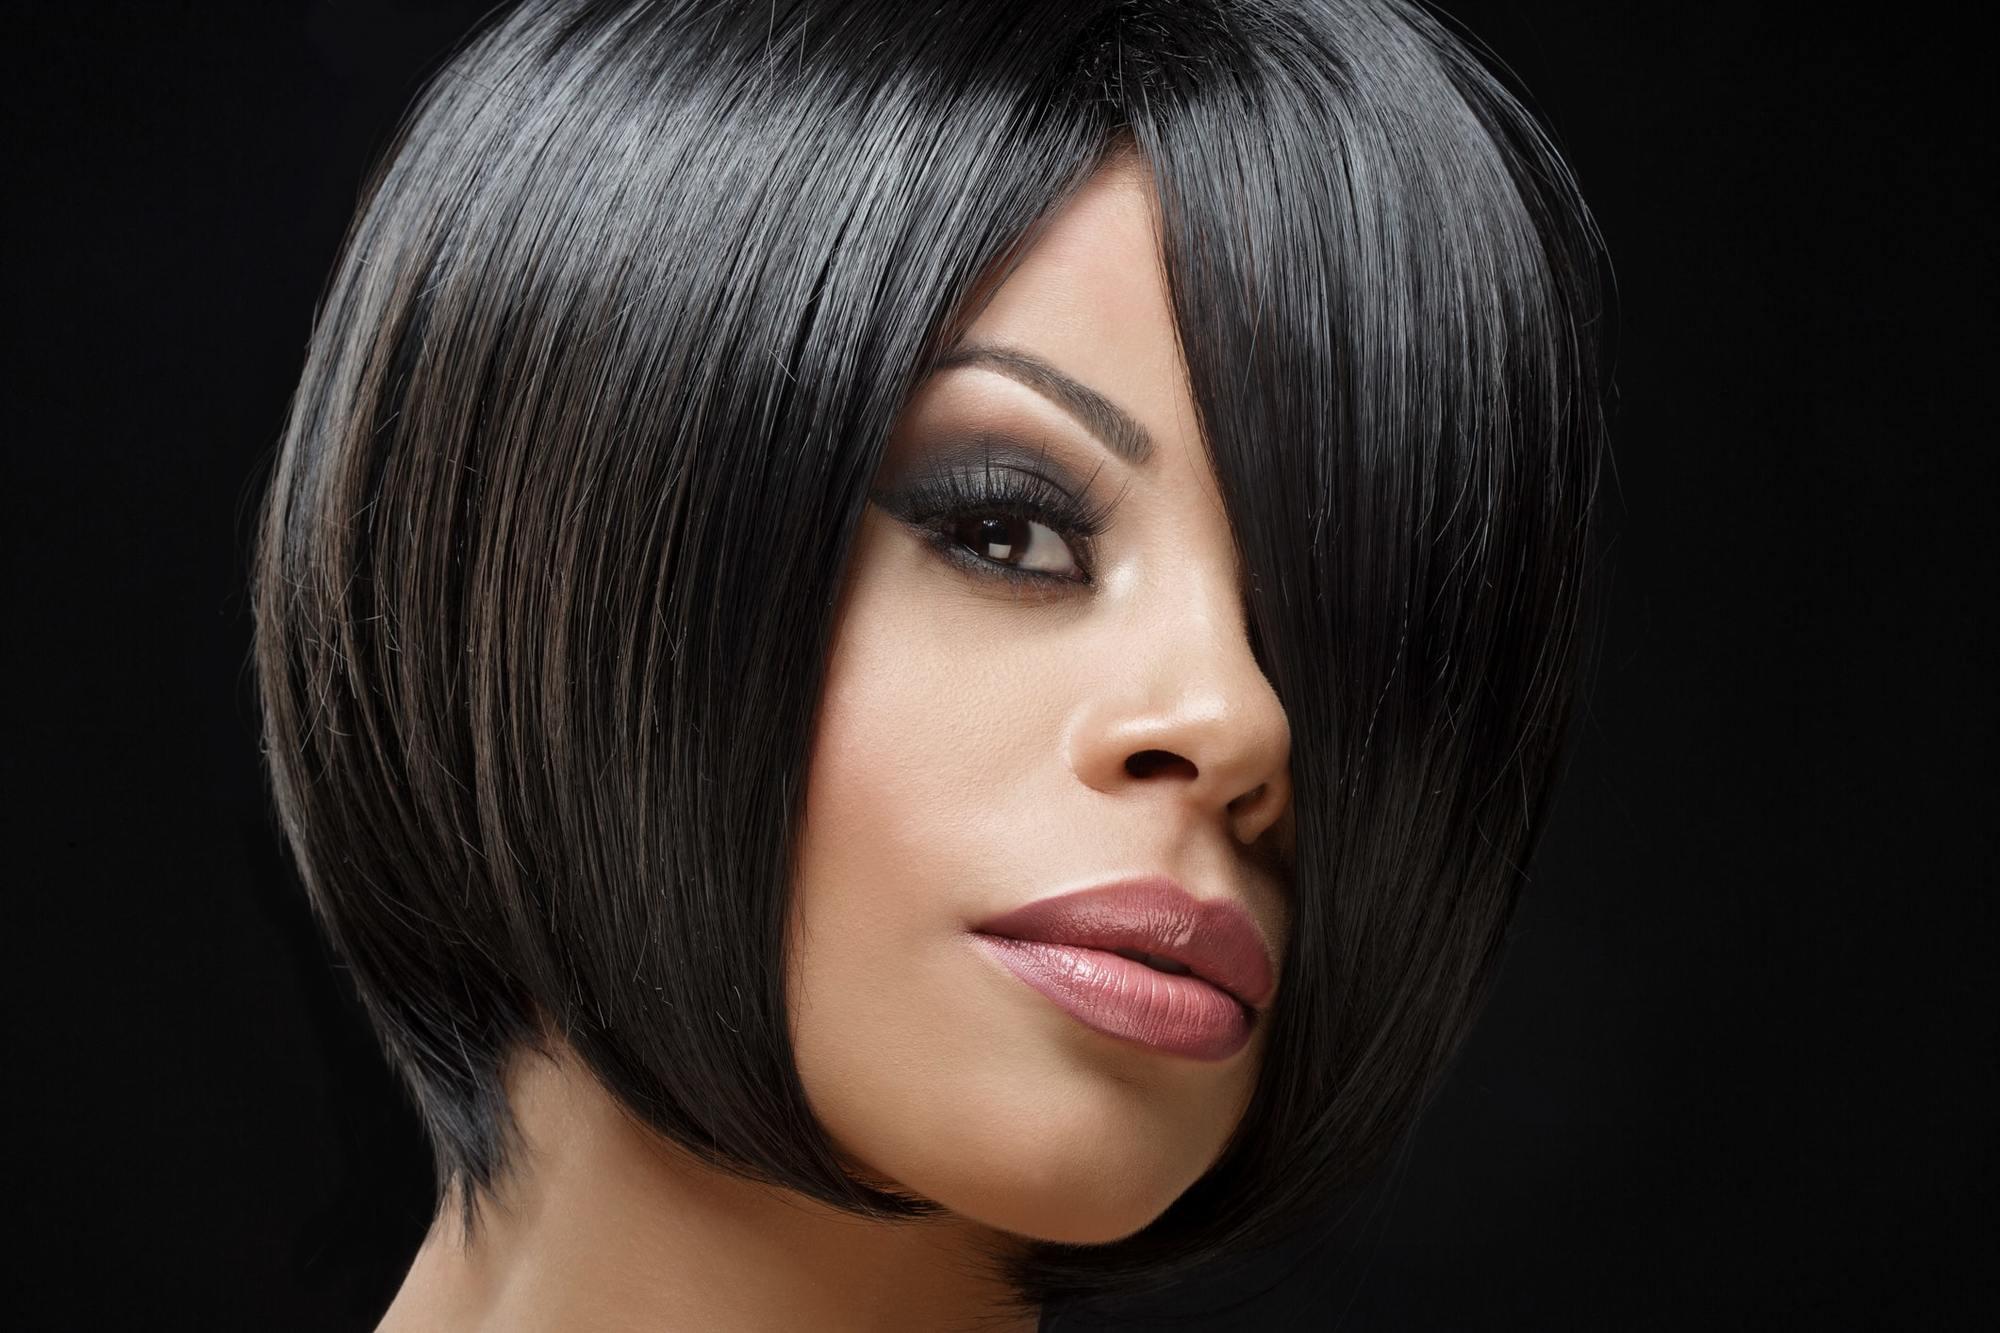 Black ladies blunt cut for hairstyles 15 Short